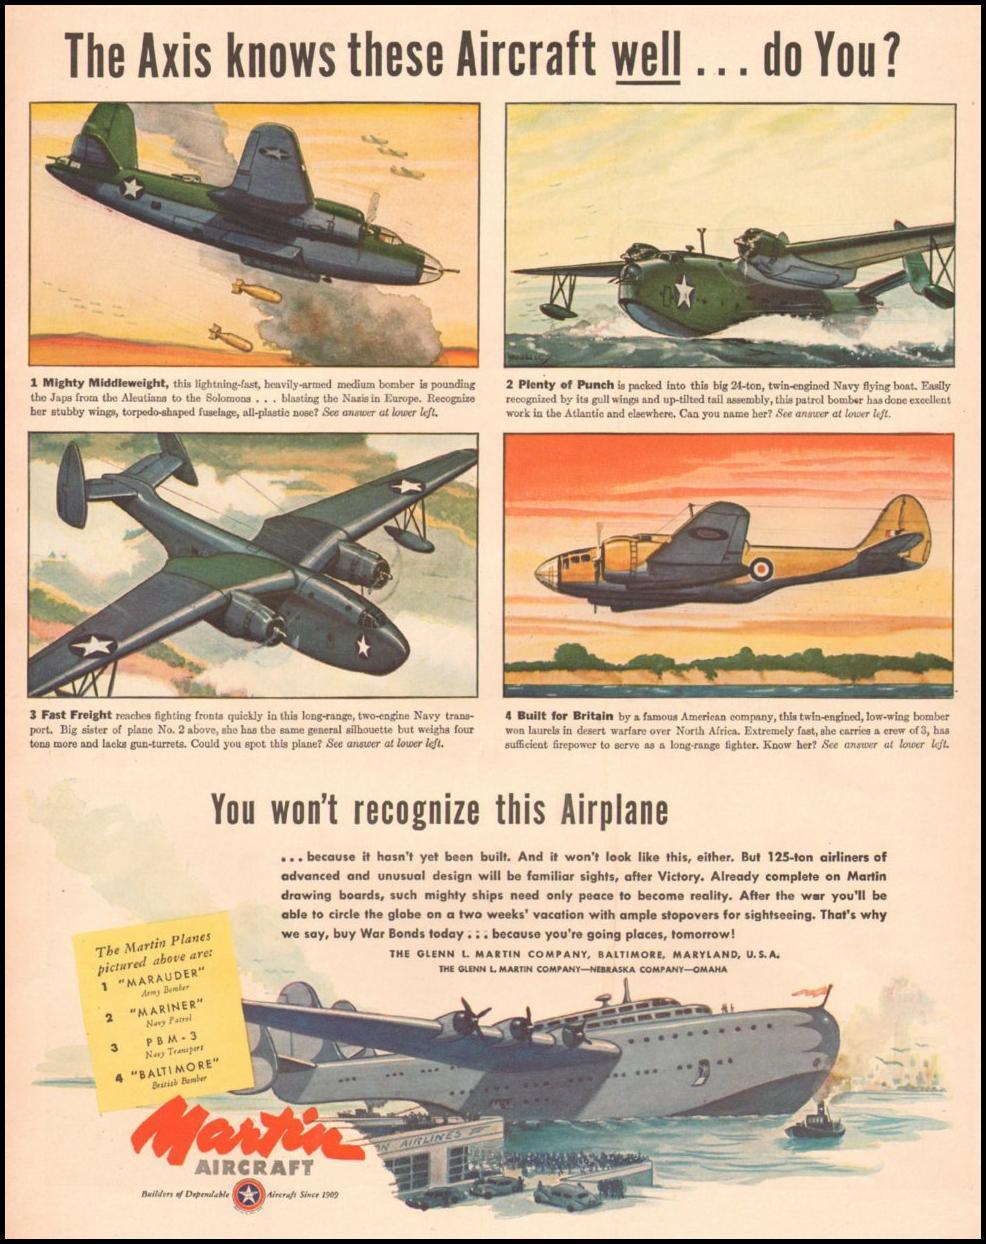 MARTIN AIRCRAFT LIFE 10/25/1943